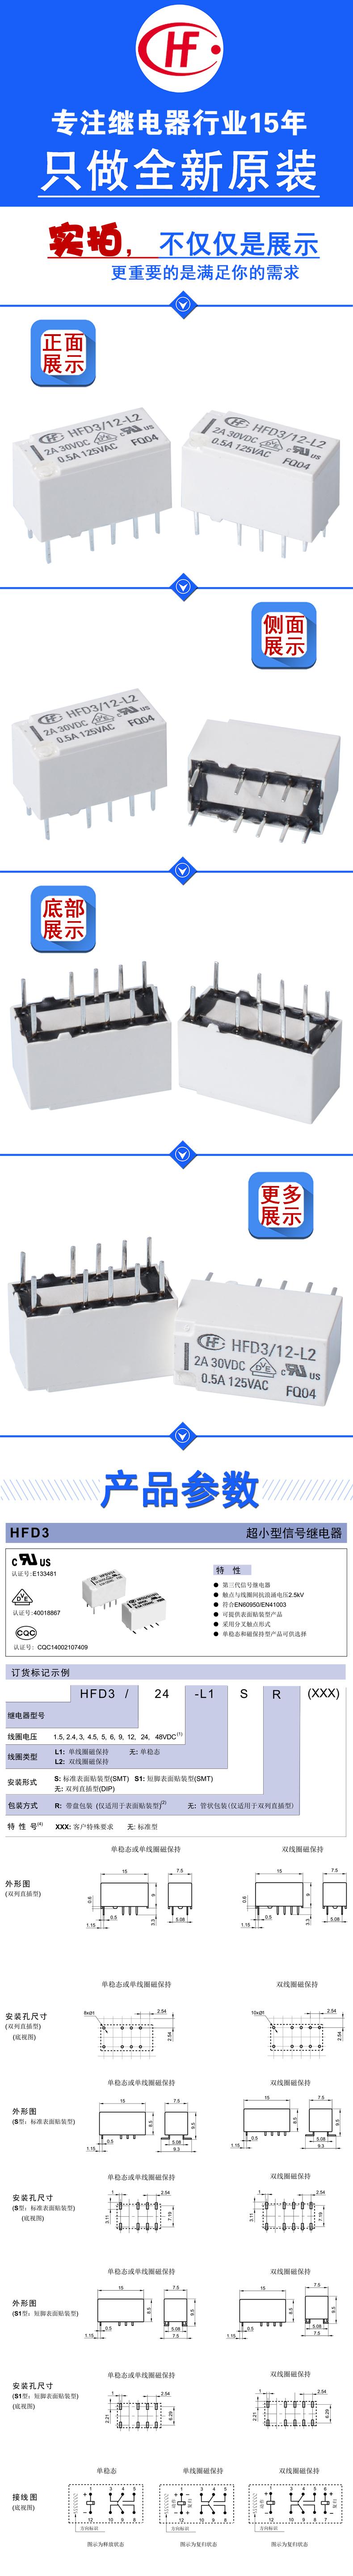 HFD2-024-M-L2(555)-720_01